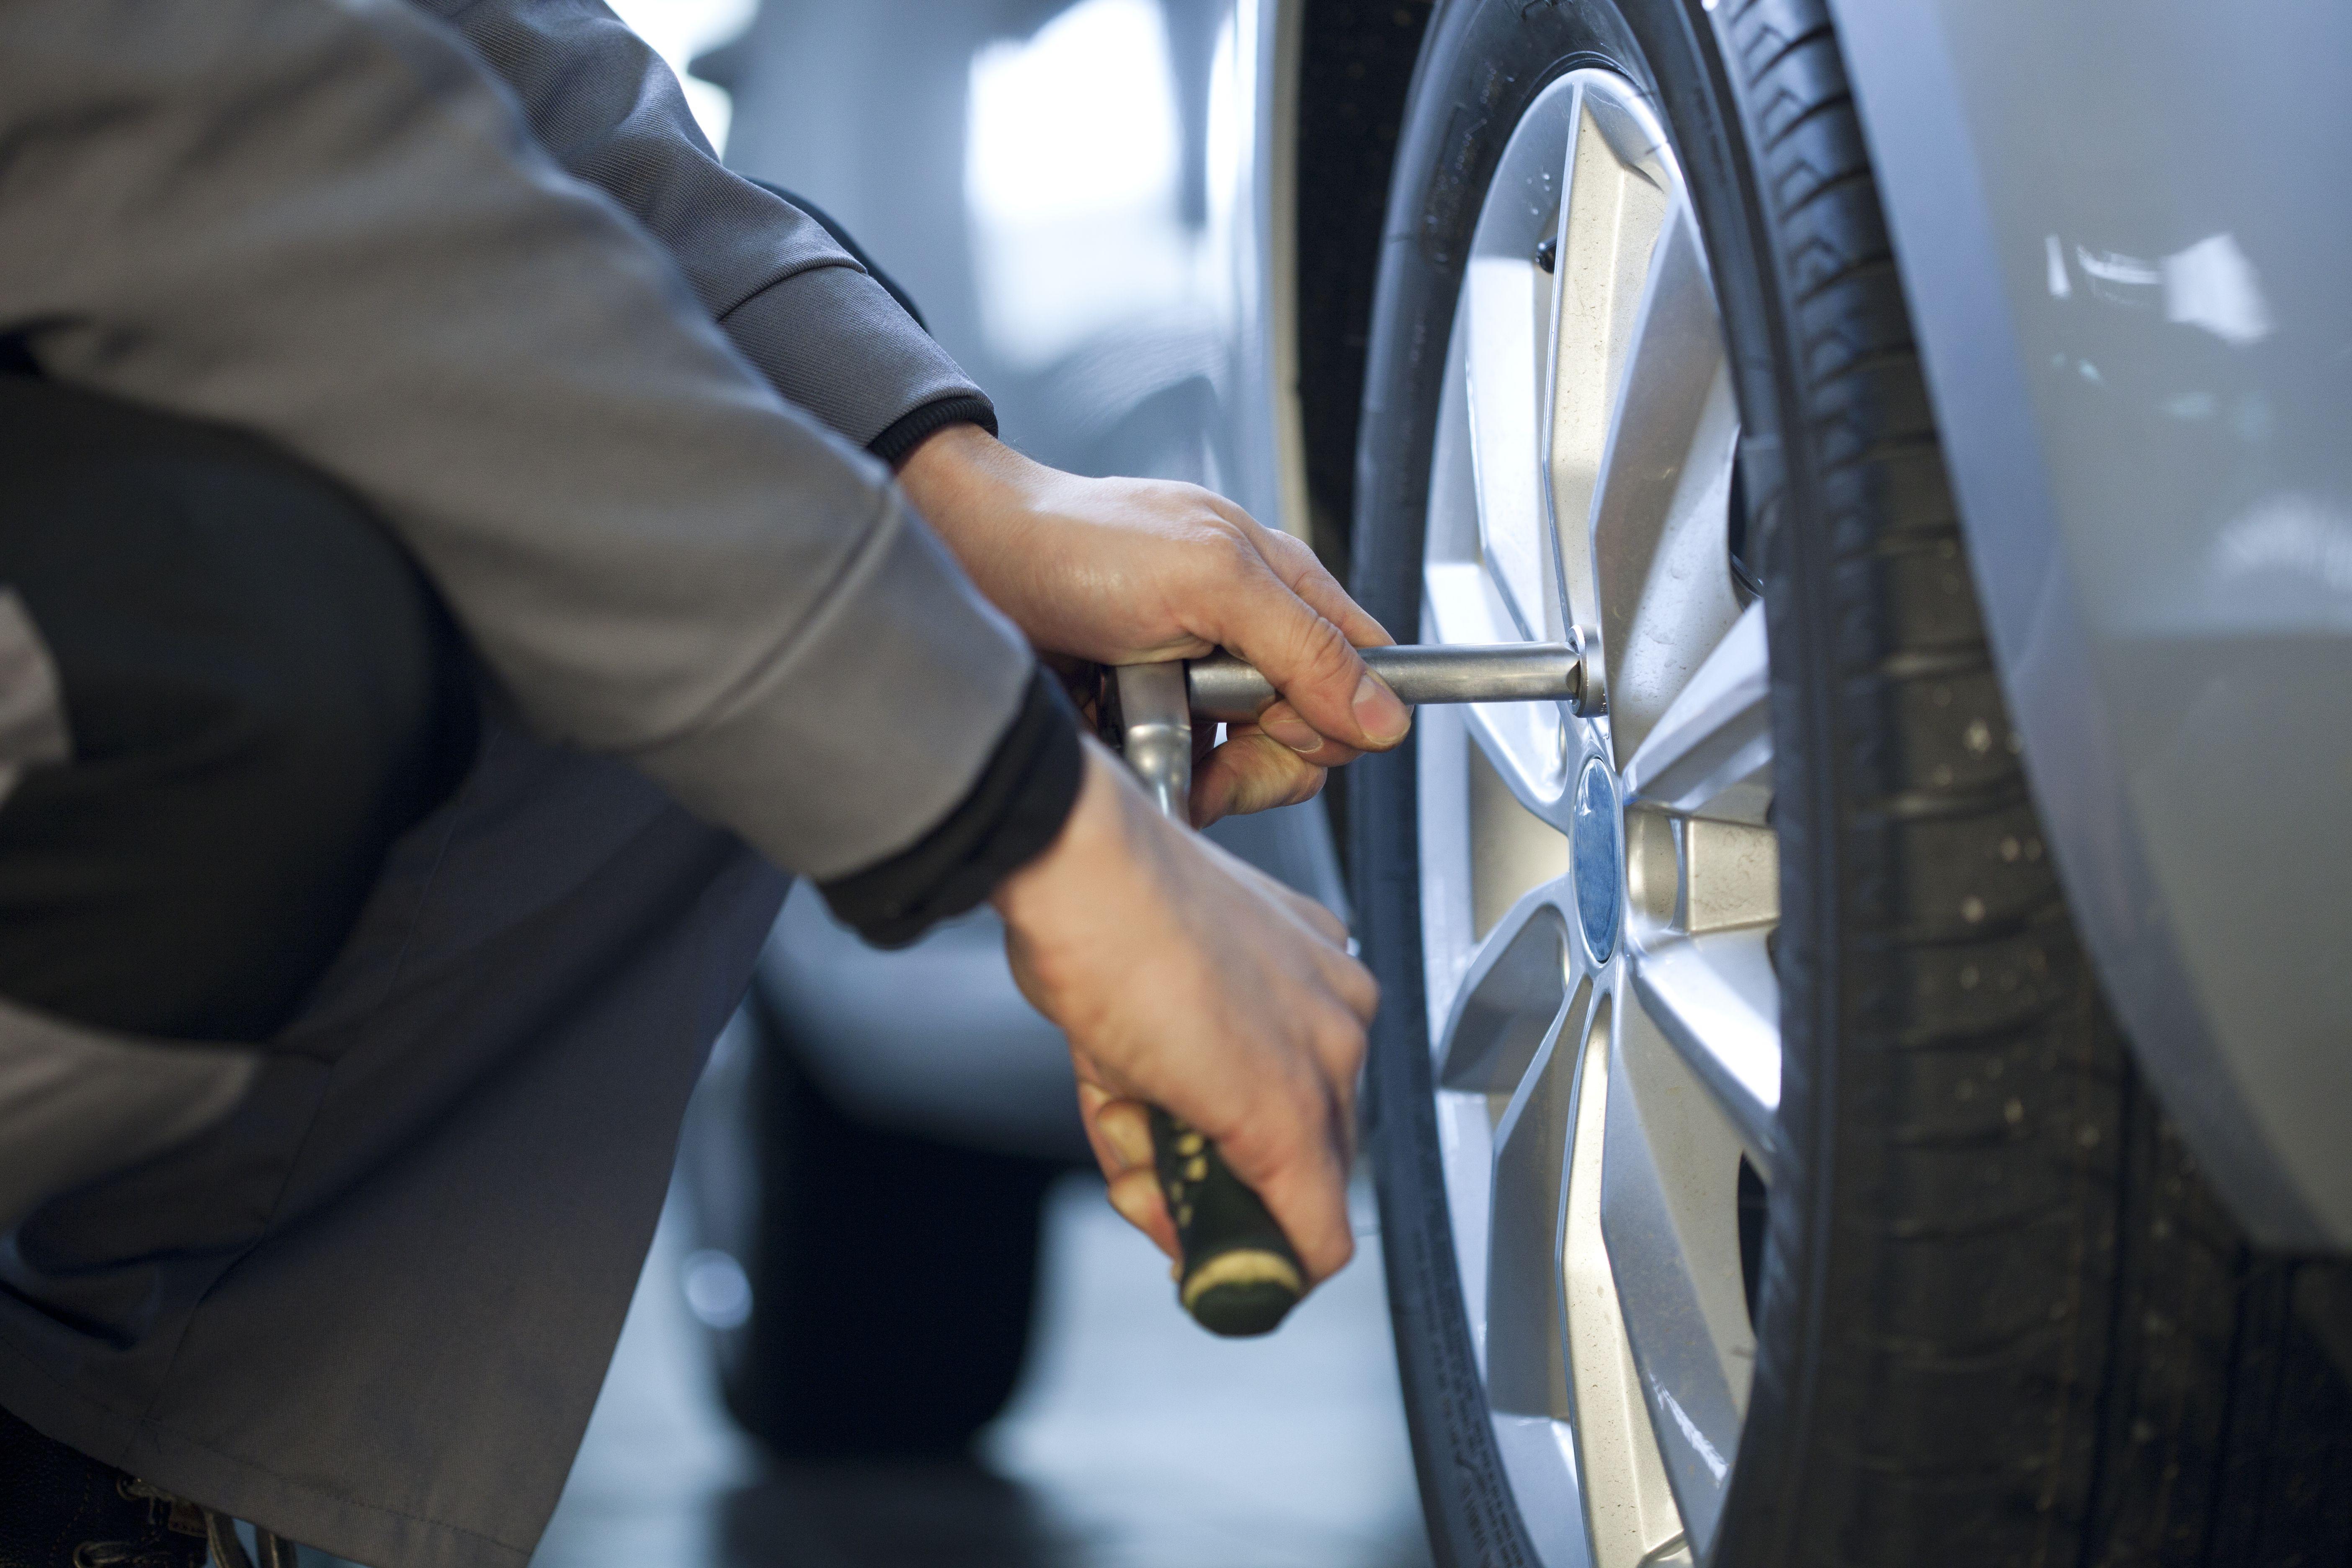 Talleres de neumáticos Catarroja